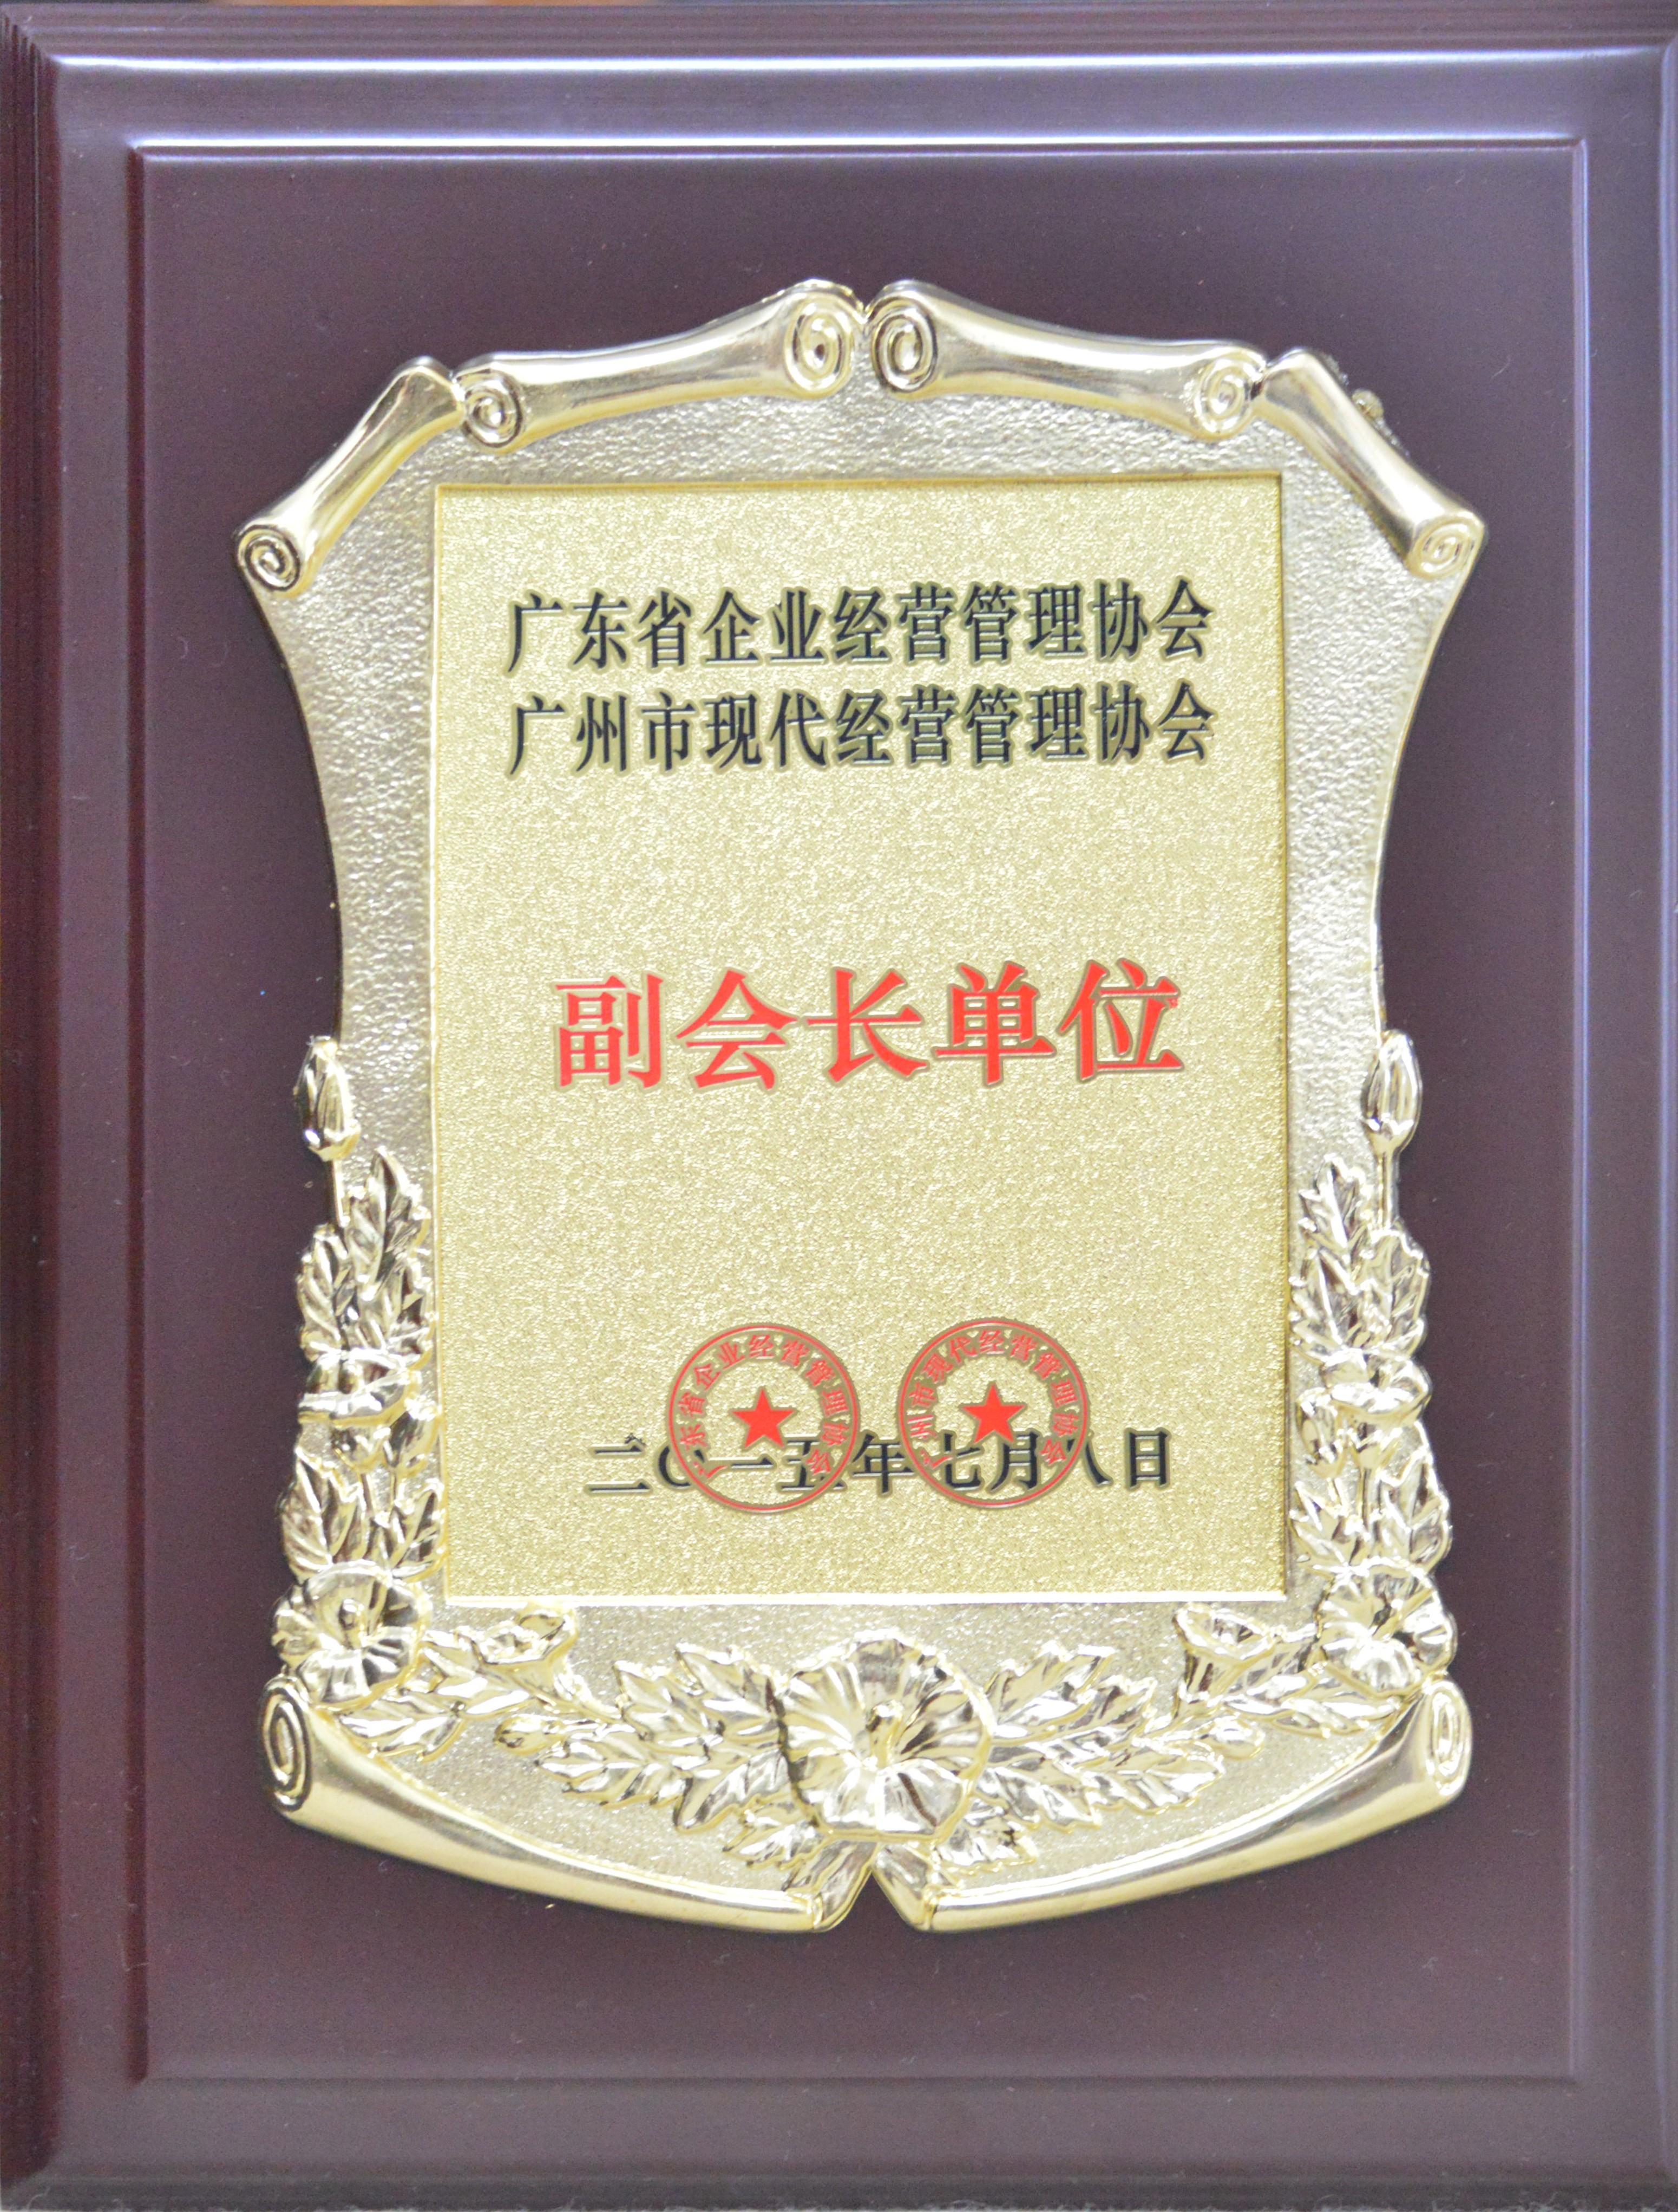 广东省管理协会副会长单位